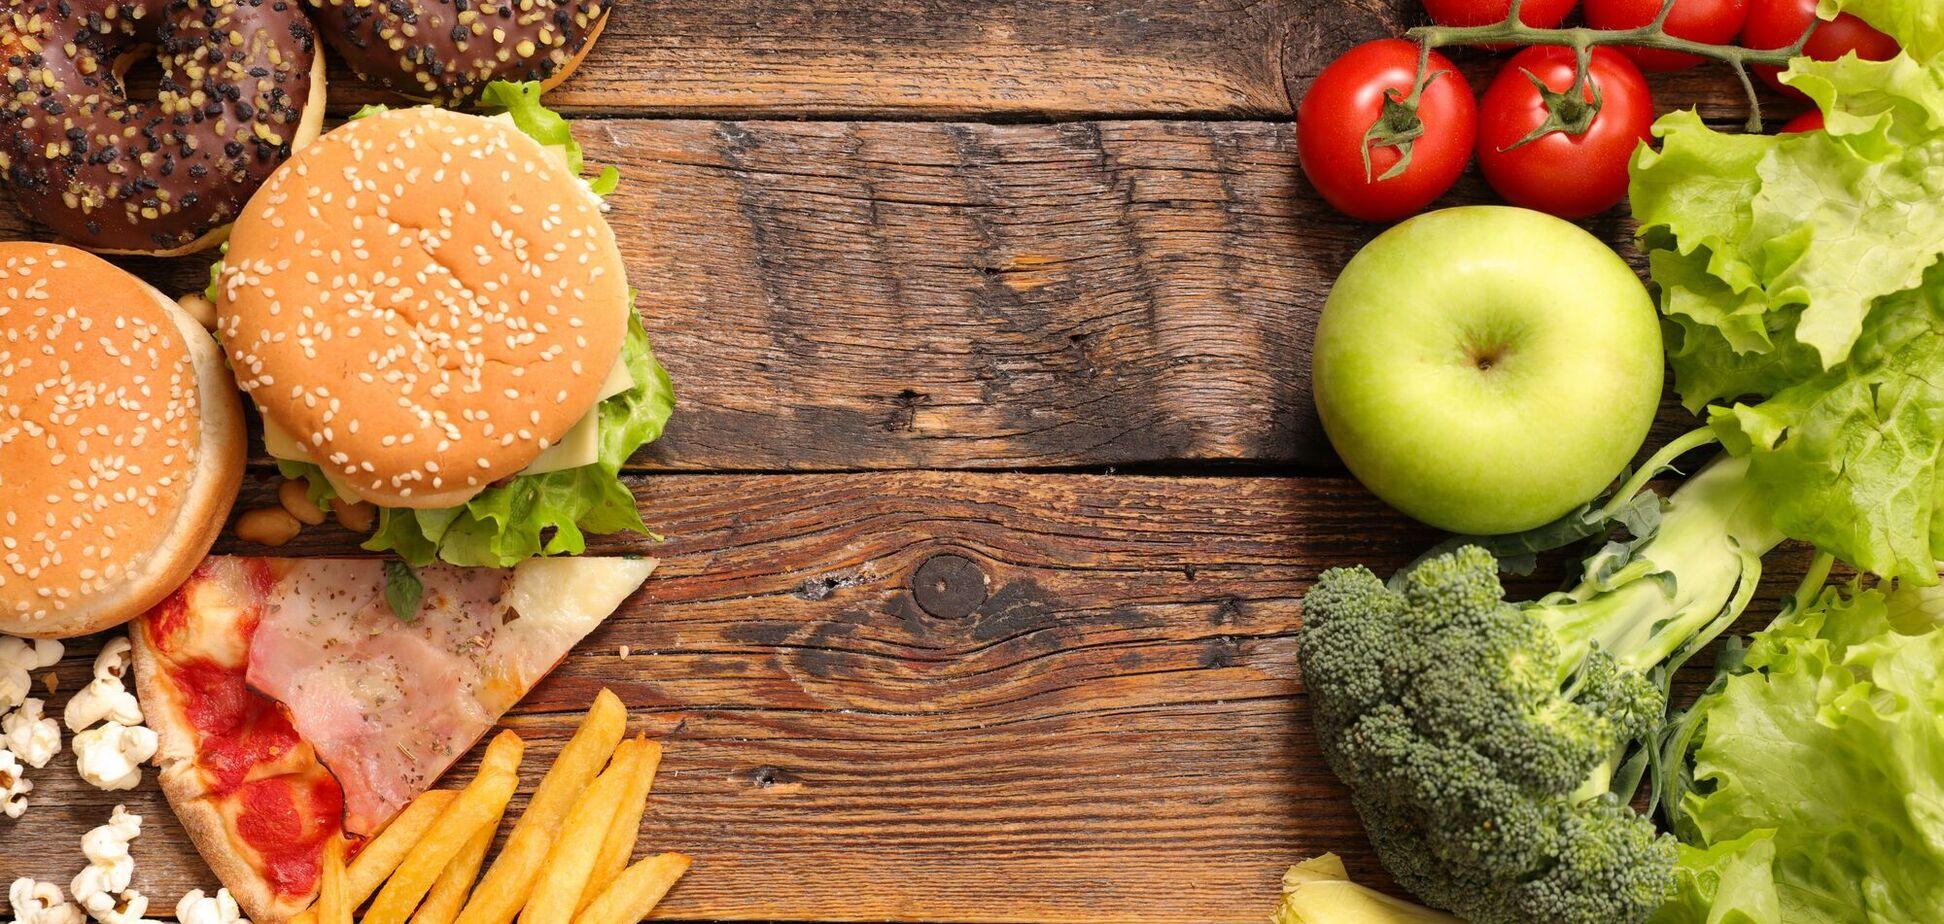 Цена дешевого питания: в чем опасность ультрапереработанных продуктов